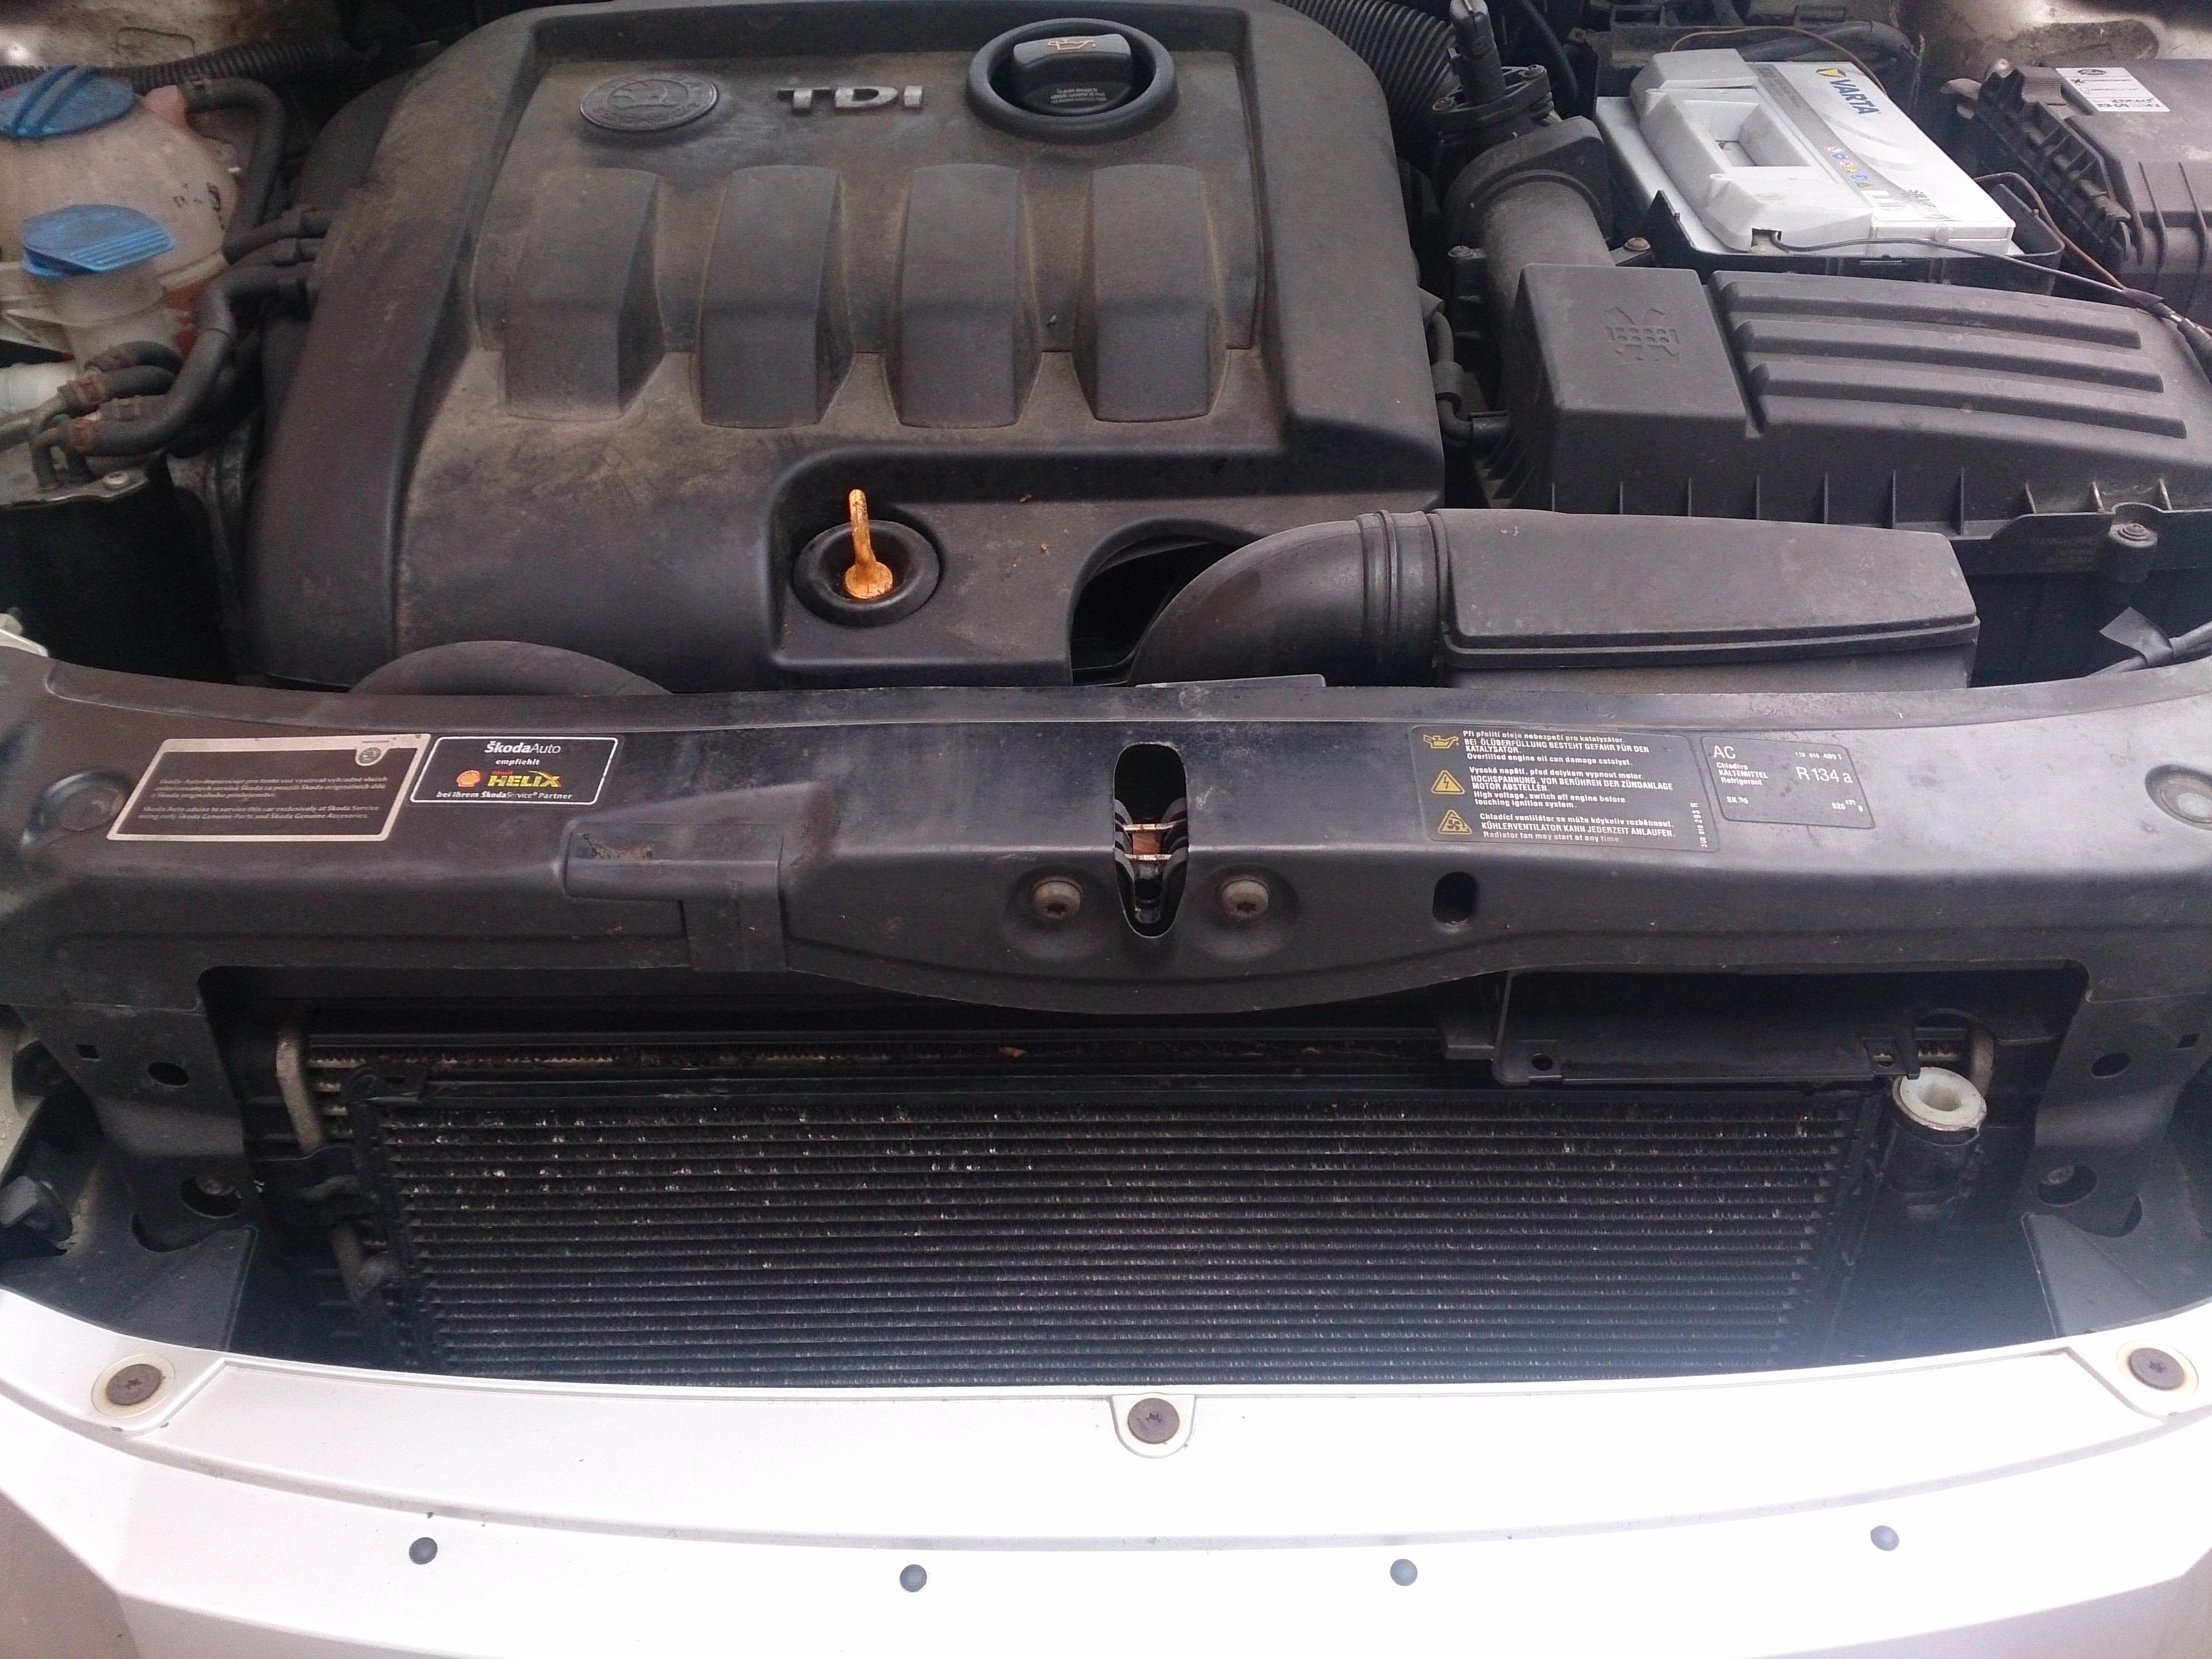 Klimanlage defekt: kompressor und kondensator tauschen? seite 2